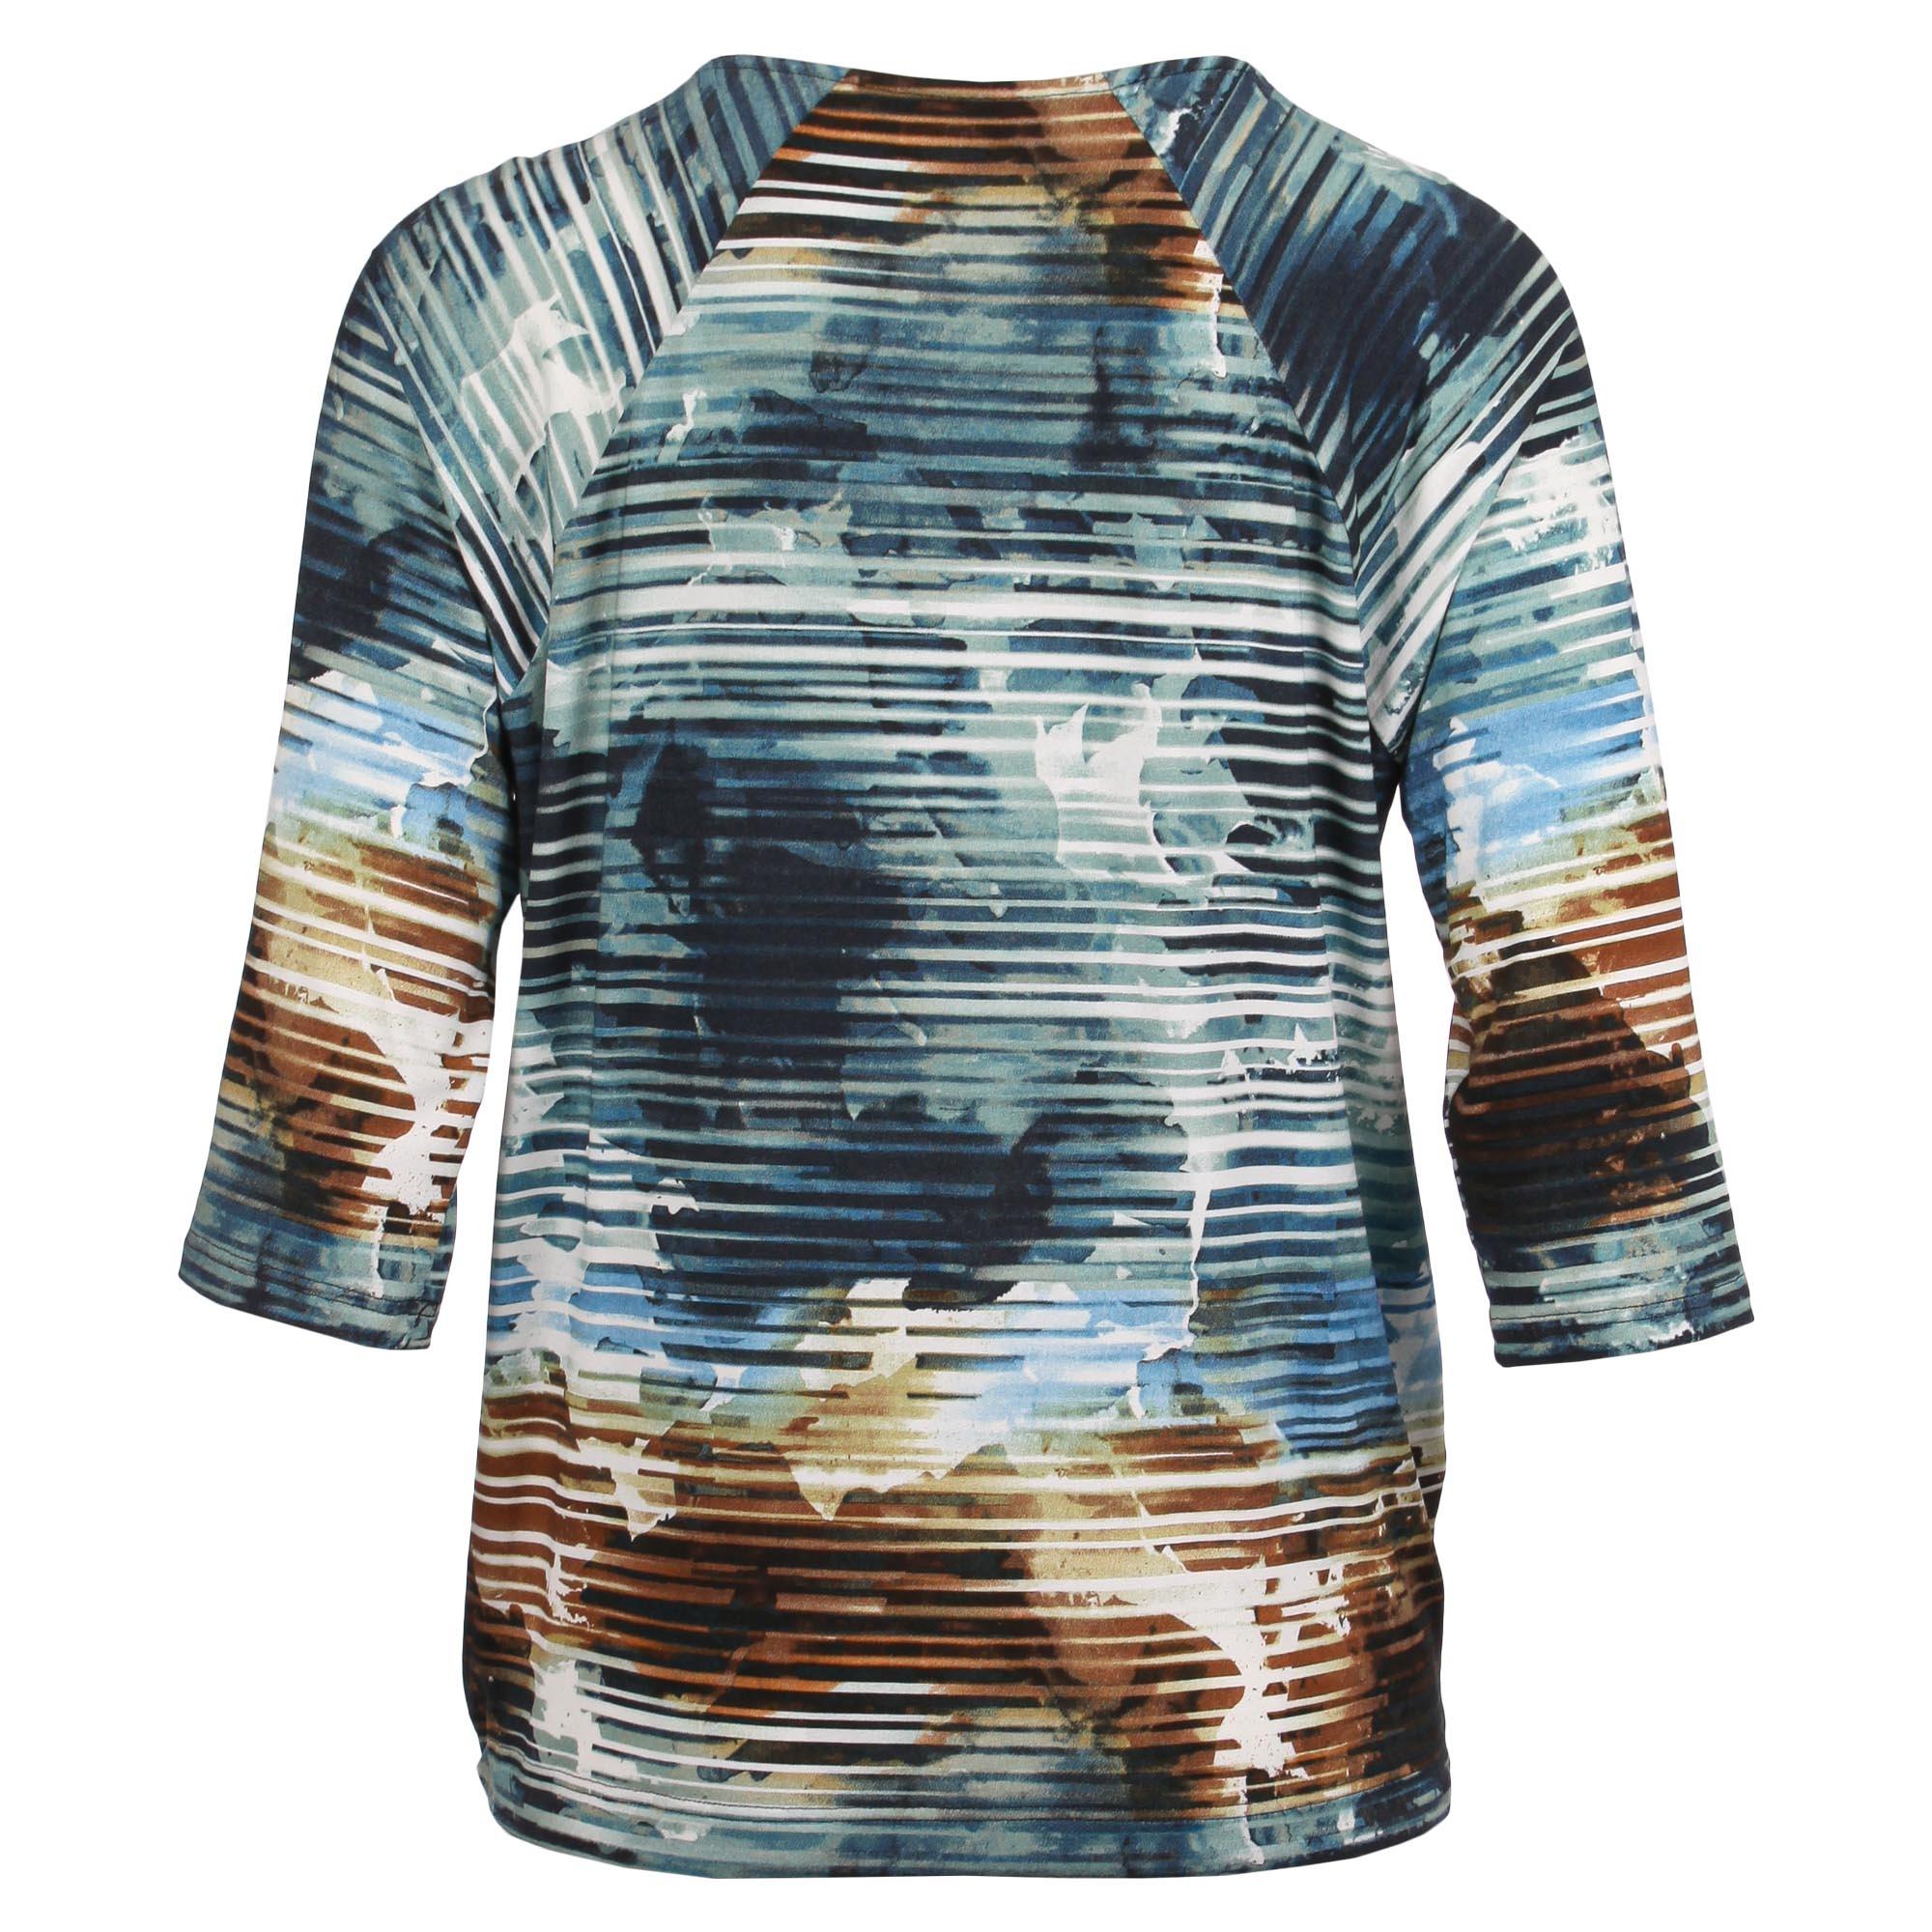 Enjoy Dames Shirt 3/4 Mouw Batik Strepen 880057-2